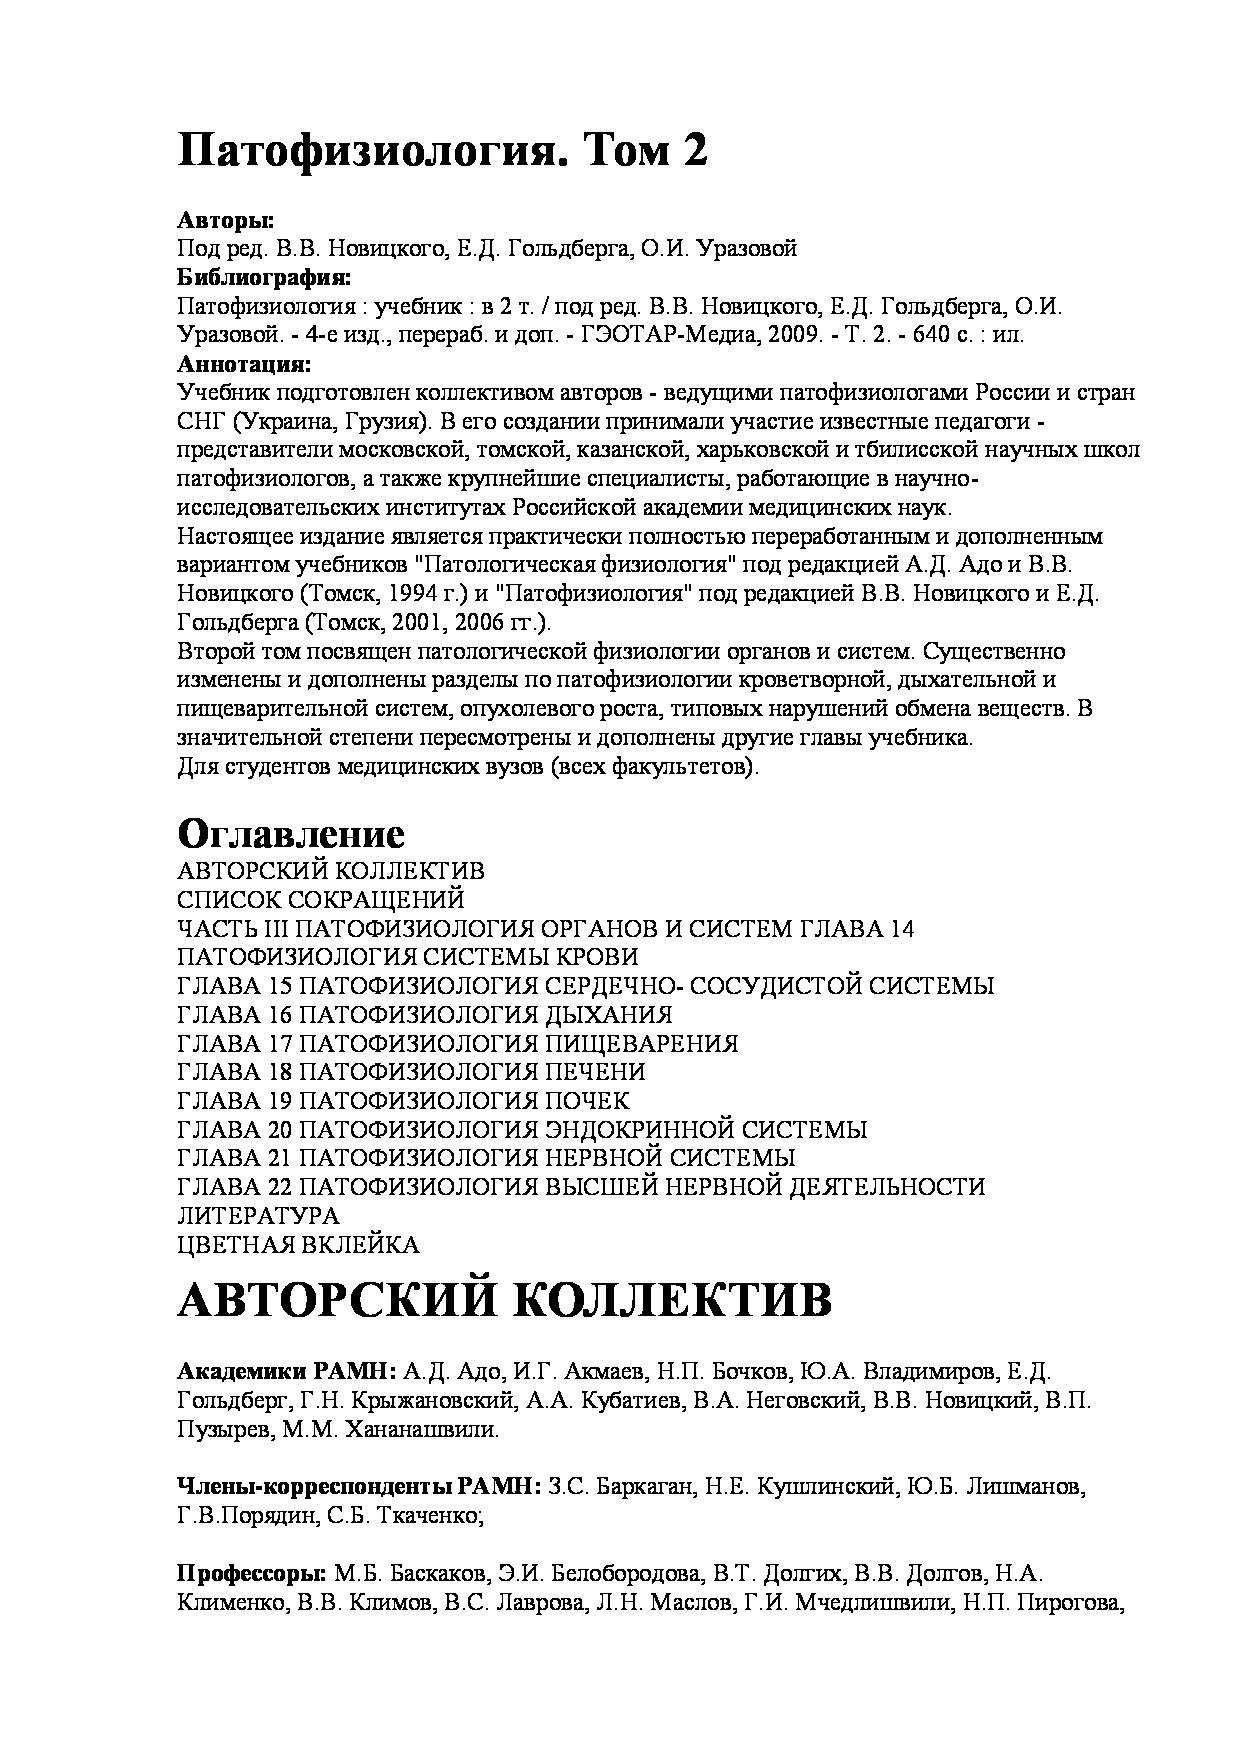 Новицкий, пузырев, кубатиев: патофизиология. В 2-х томах. Том 1.